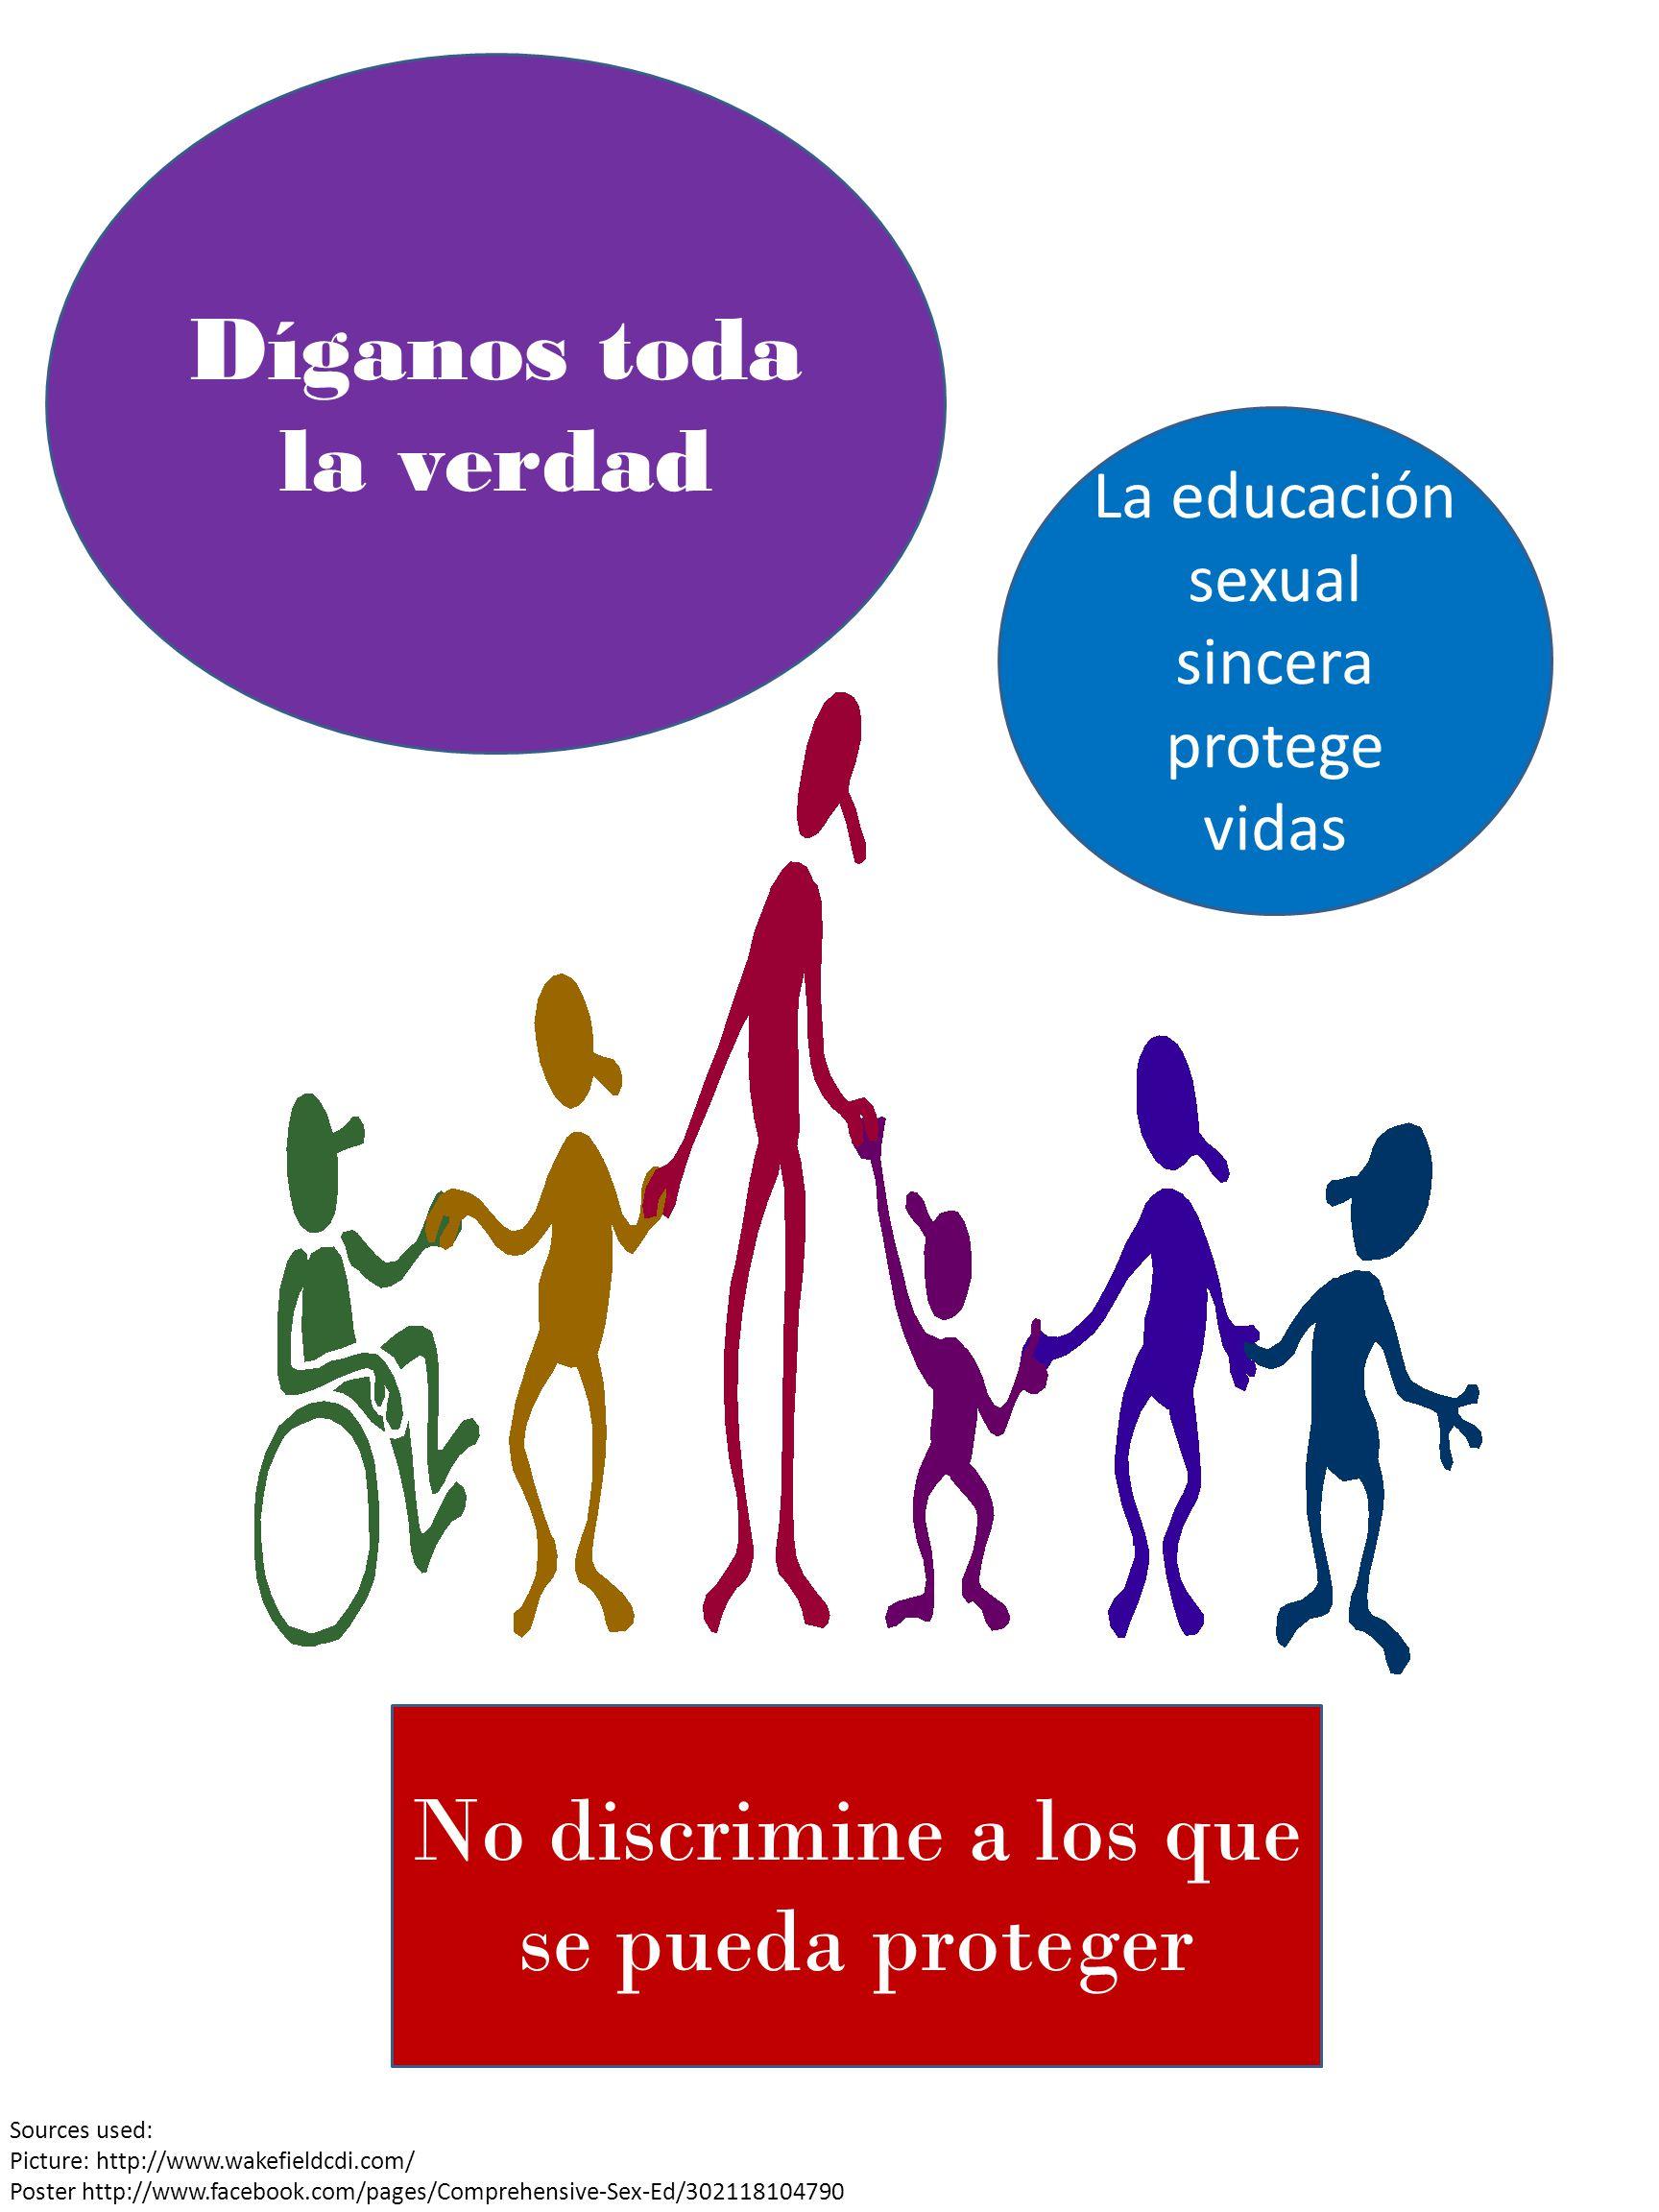 Díganos toda la verdad La educación sexual sincera protege vidas No discrimine a los que se pueda proteger Sources used: Picture: http://www.wakefieldcdi.com/ Poster http://www.facebook.com/pages/Comprehensive-Sex-Ed/302118104790